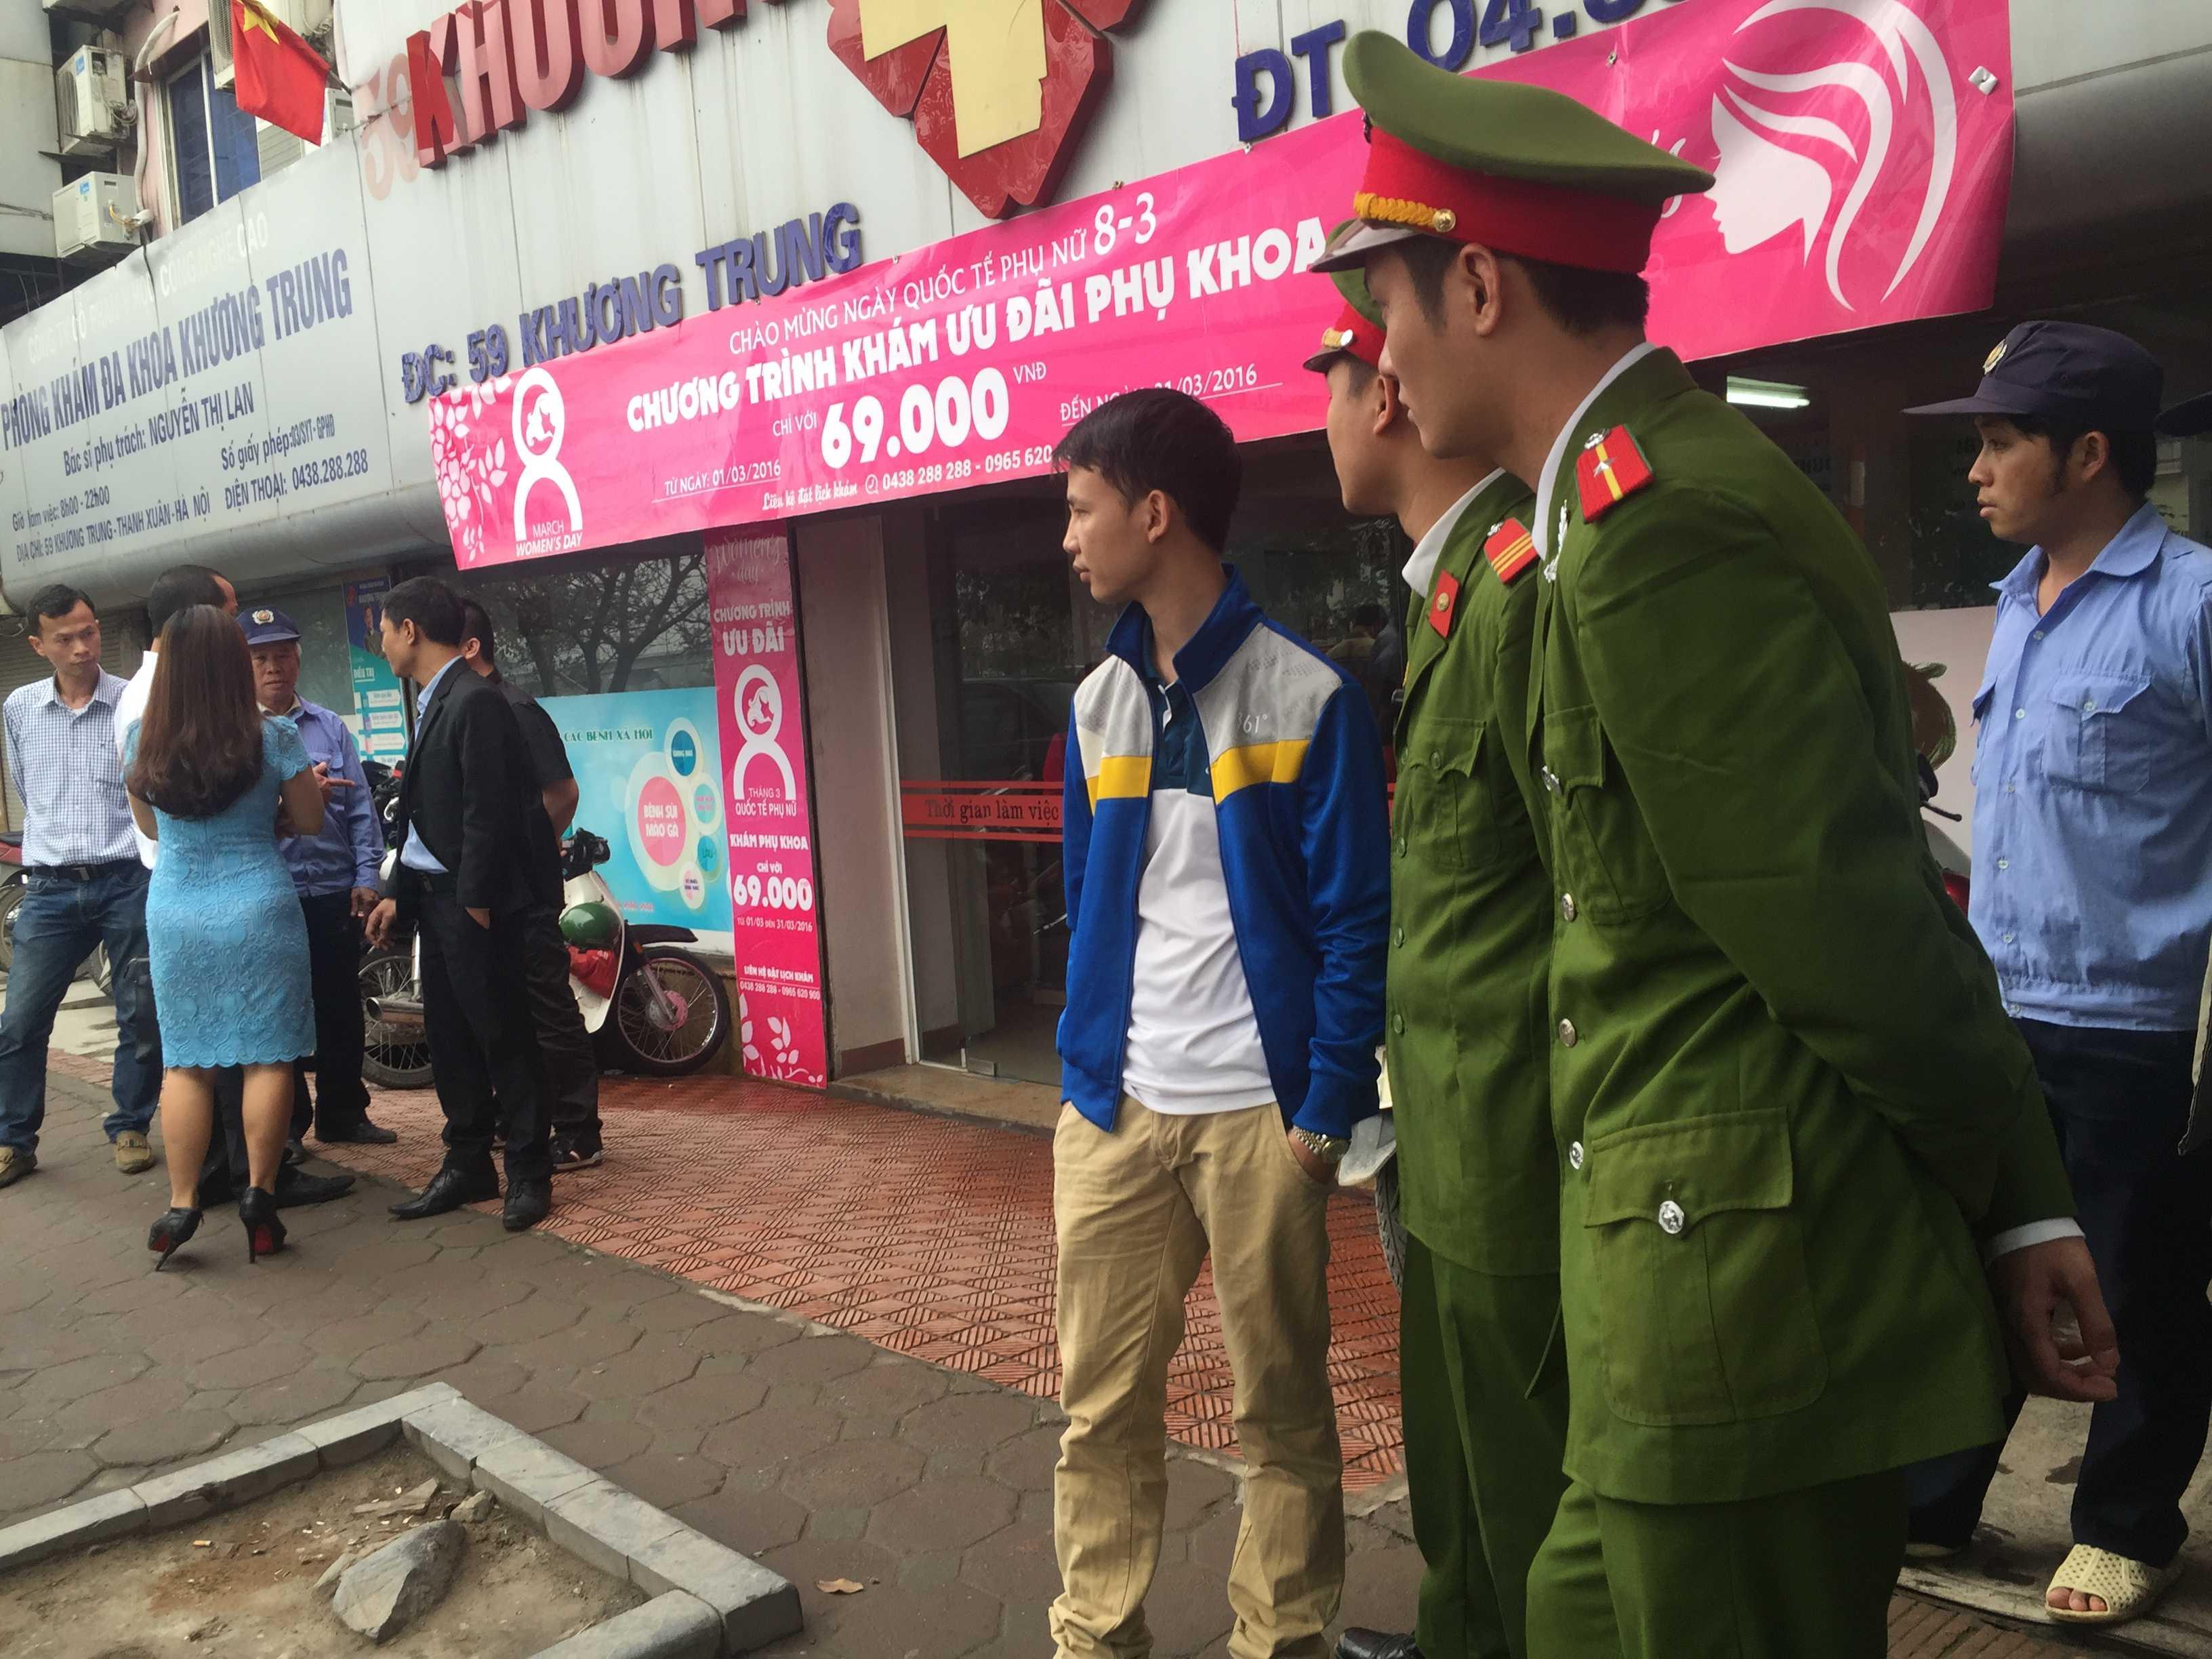 Công an phường Khương Trung có mặt tại nơi xảy ra vụ việc